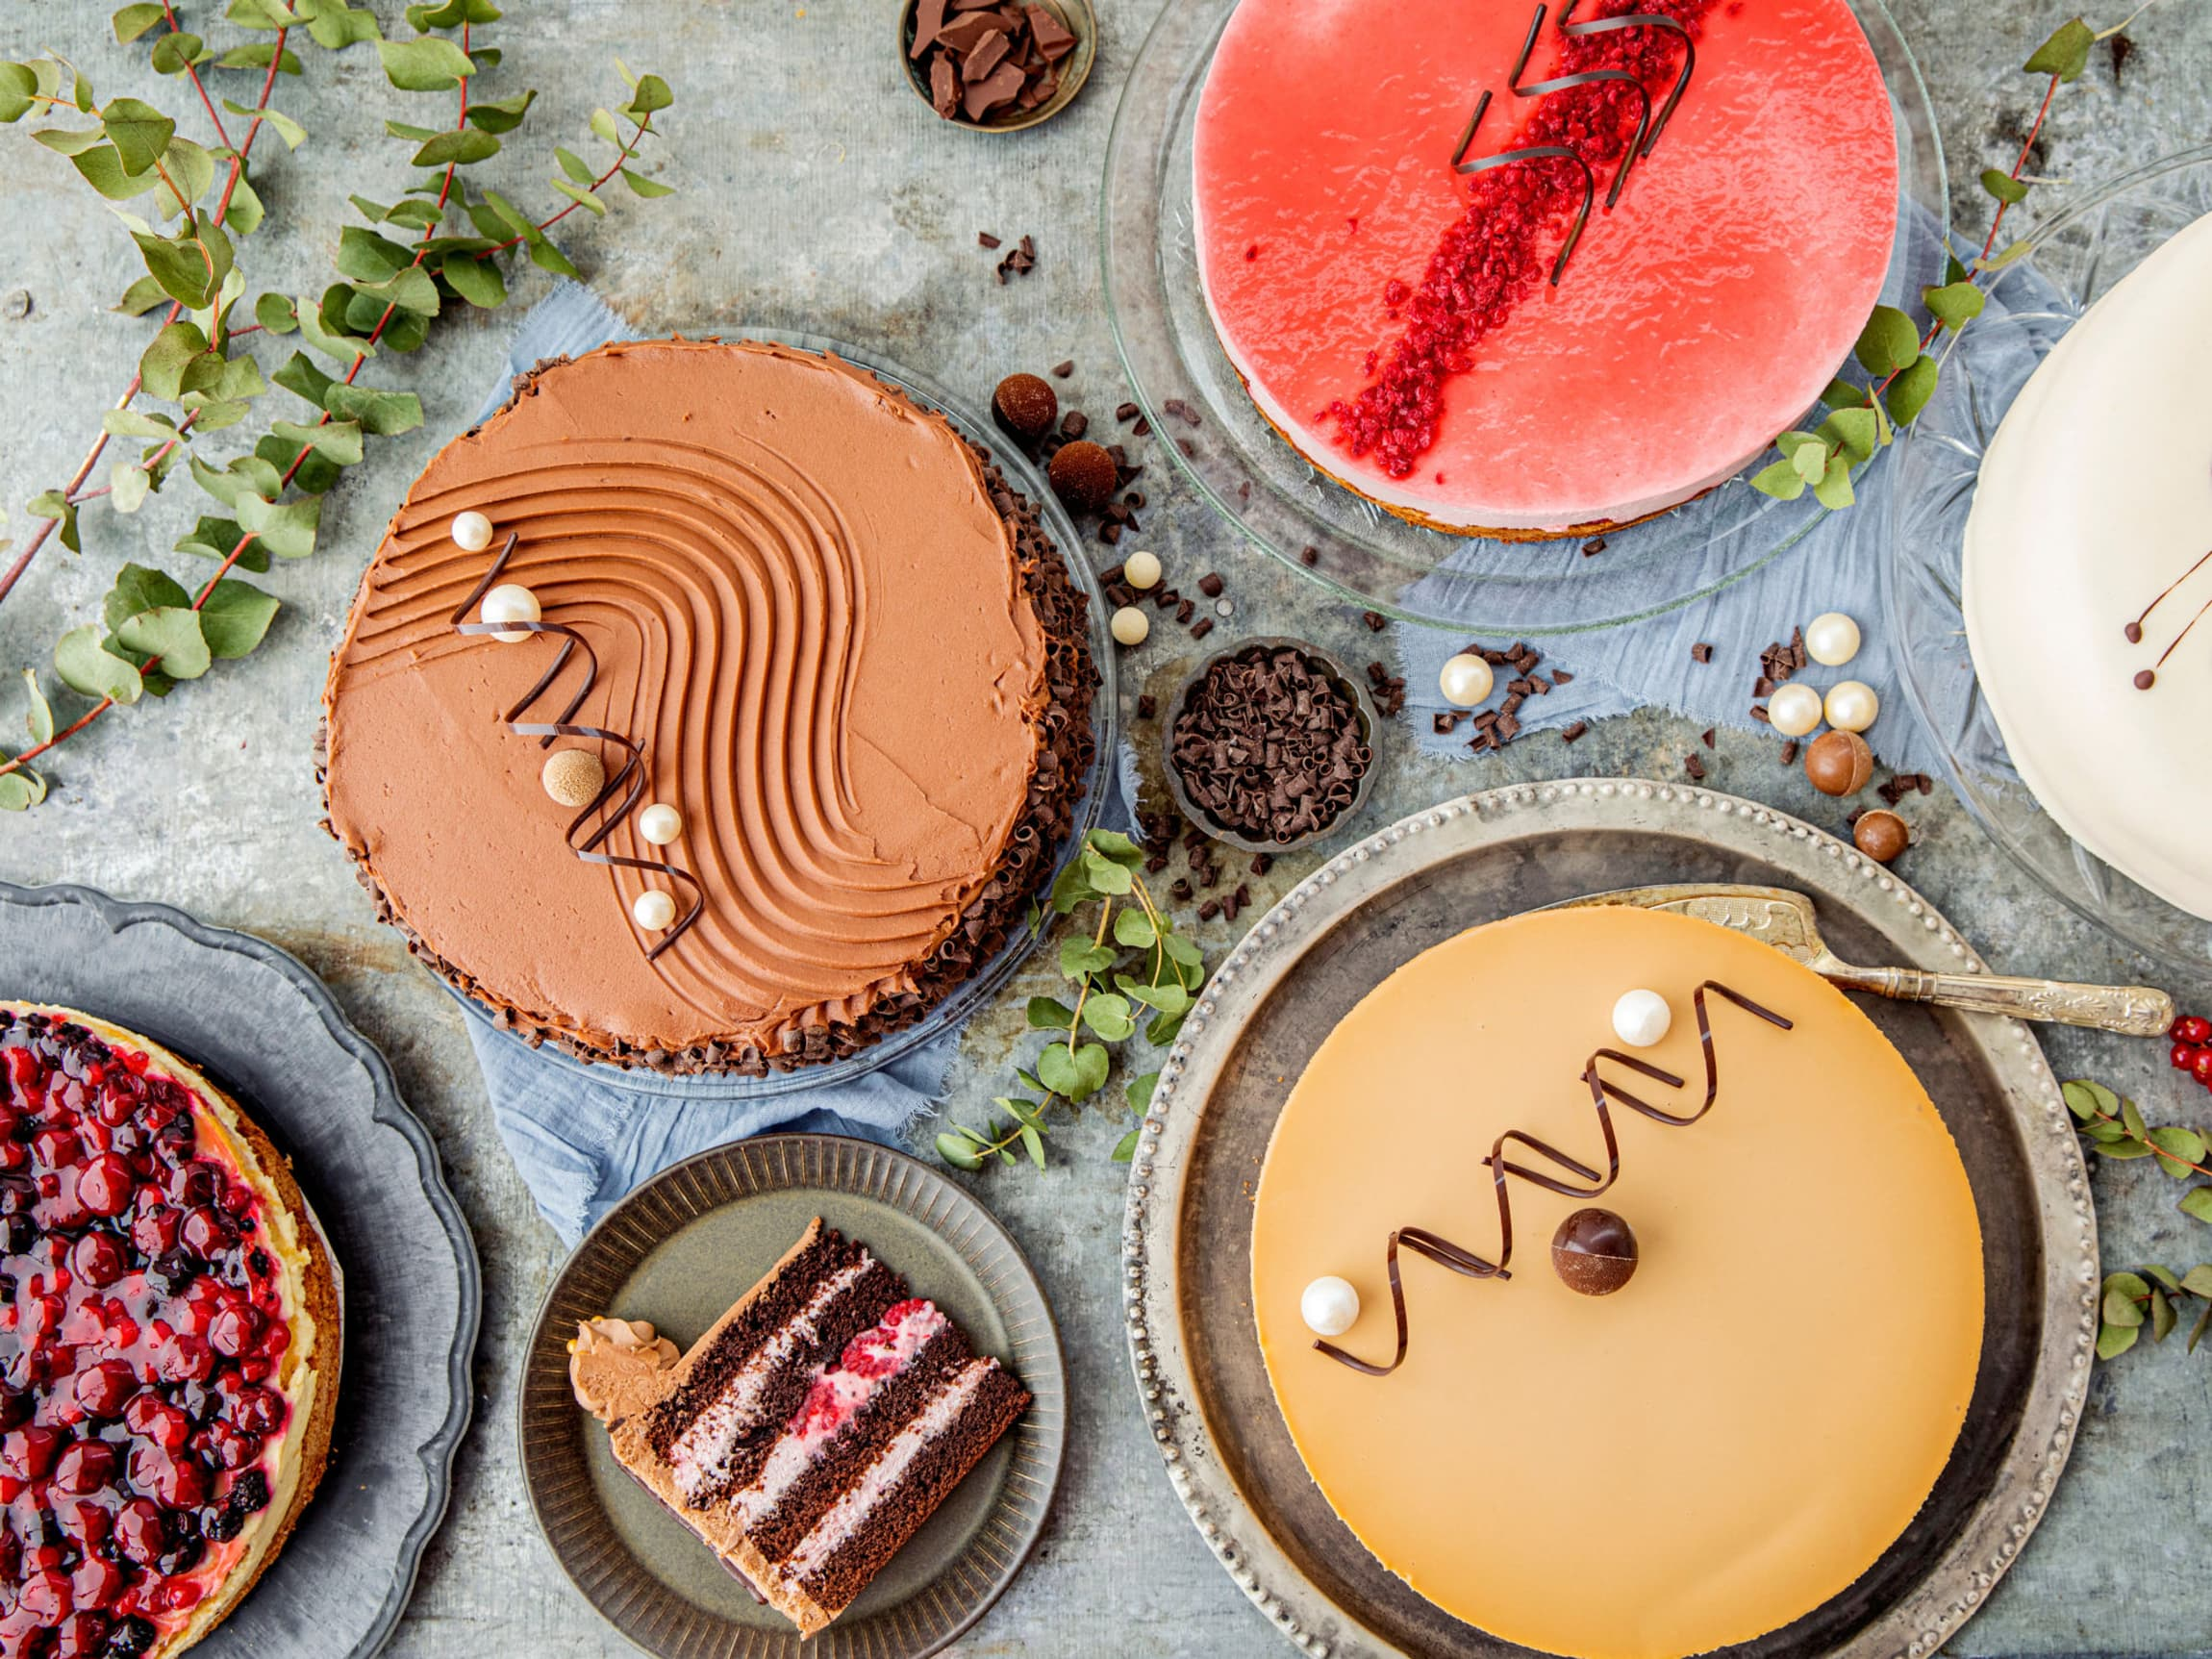 Bestill kake på nett - få levert hjem eller hent selv